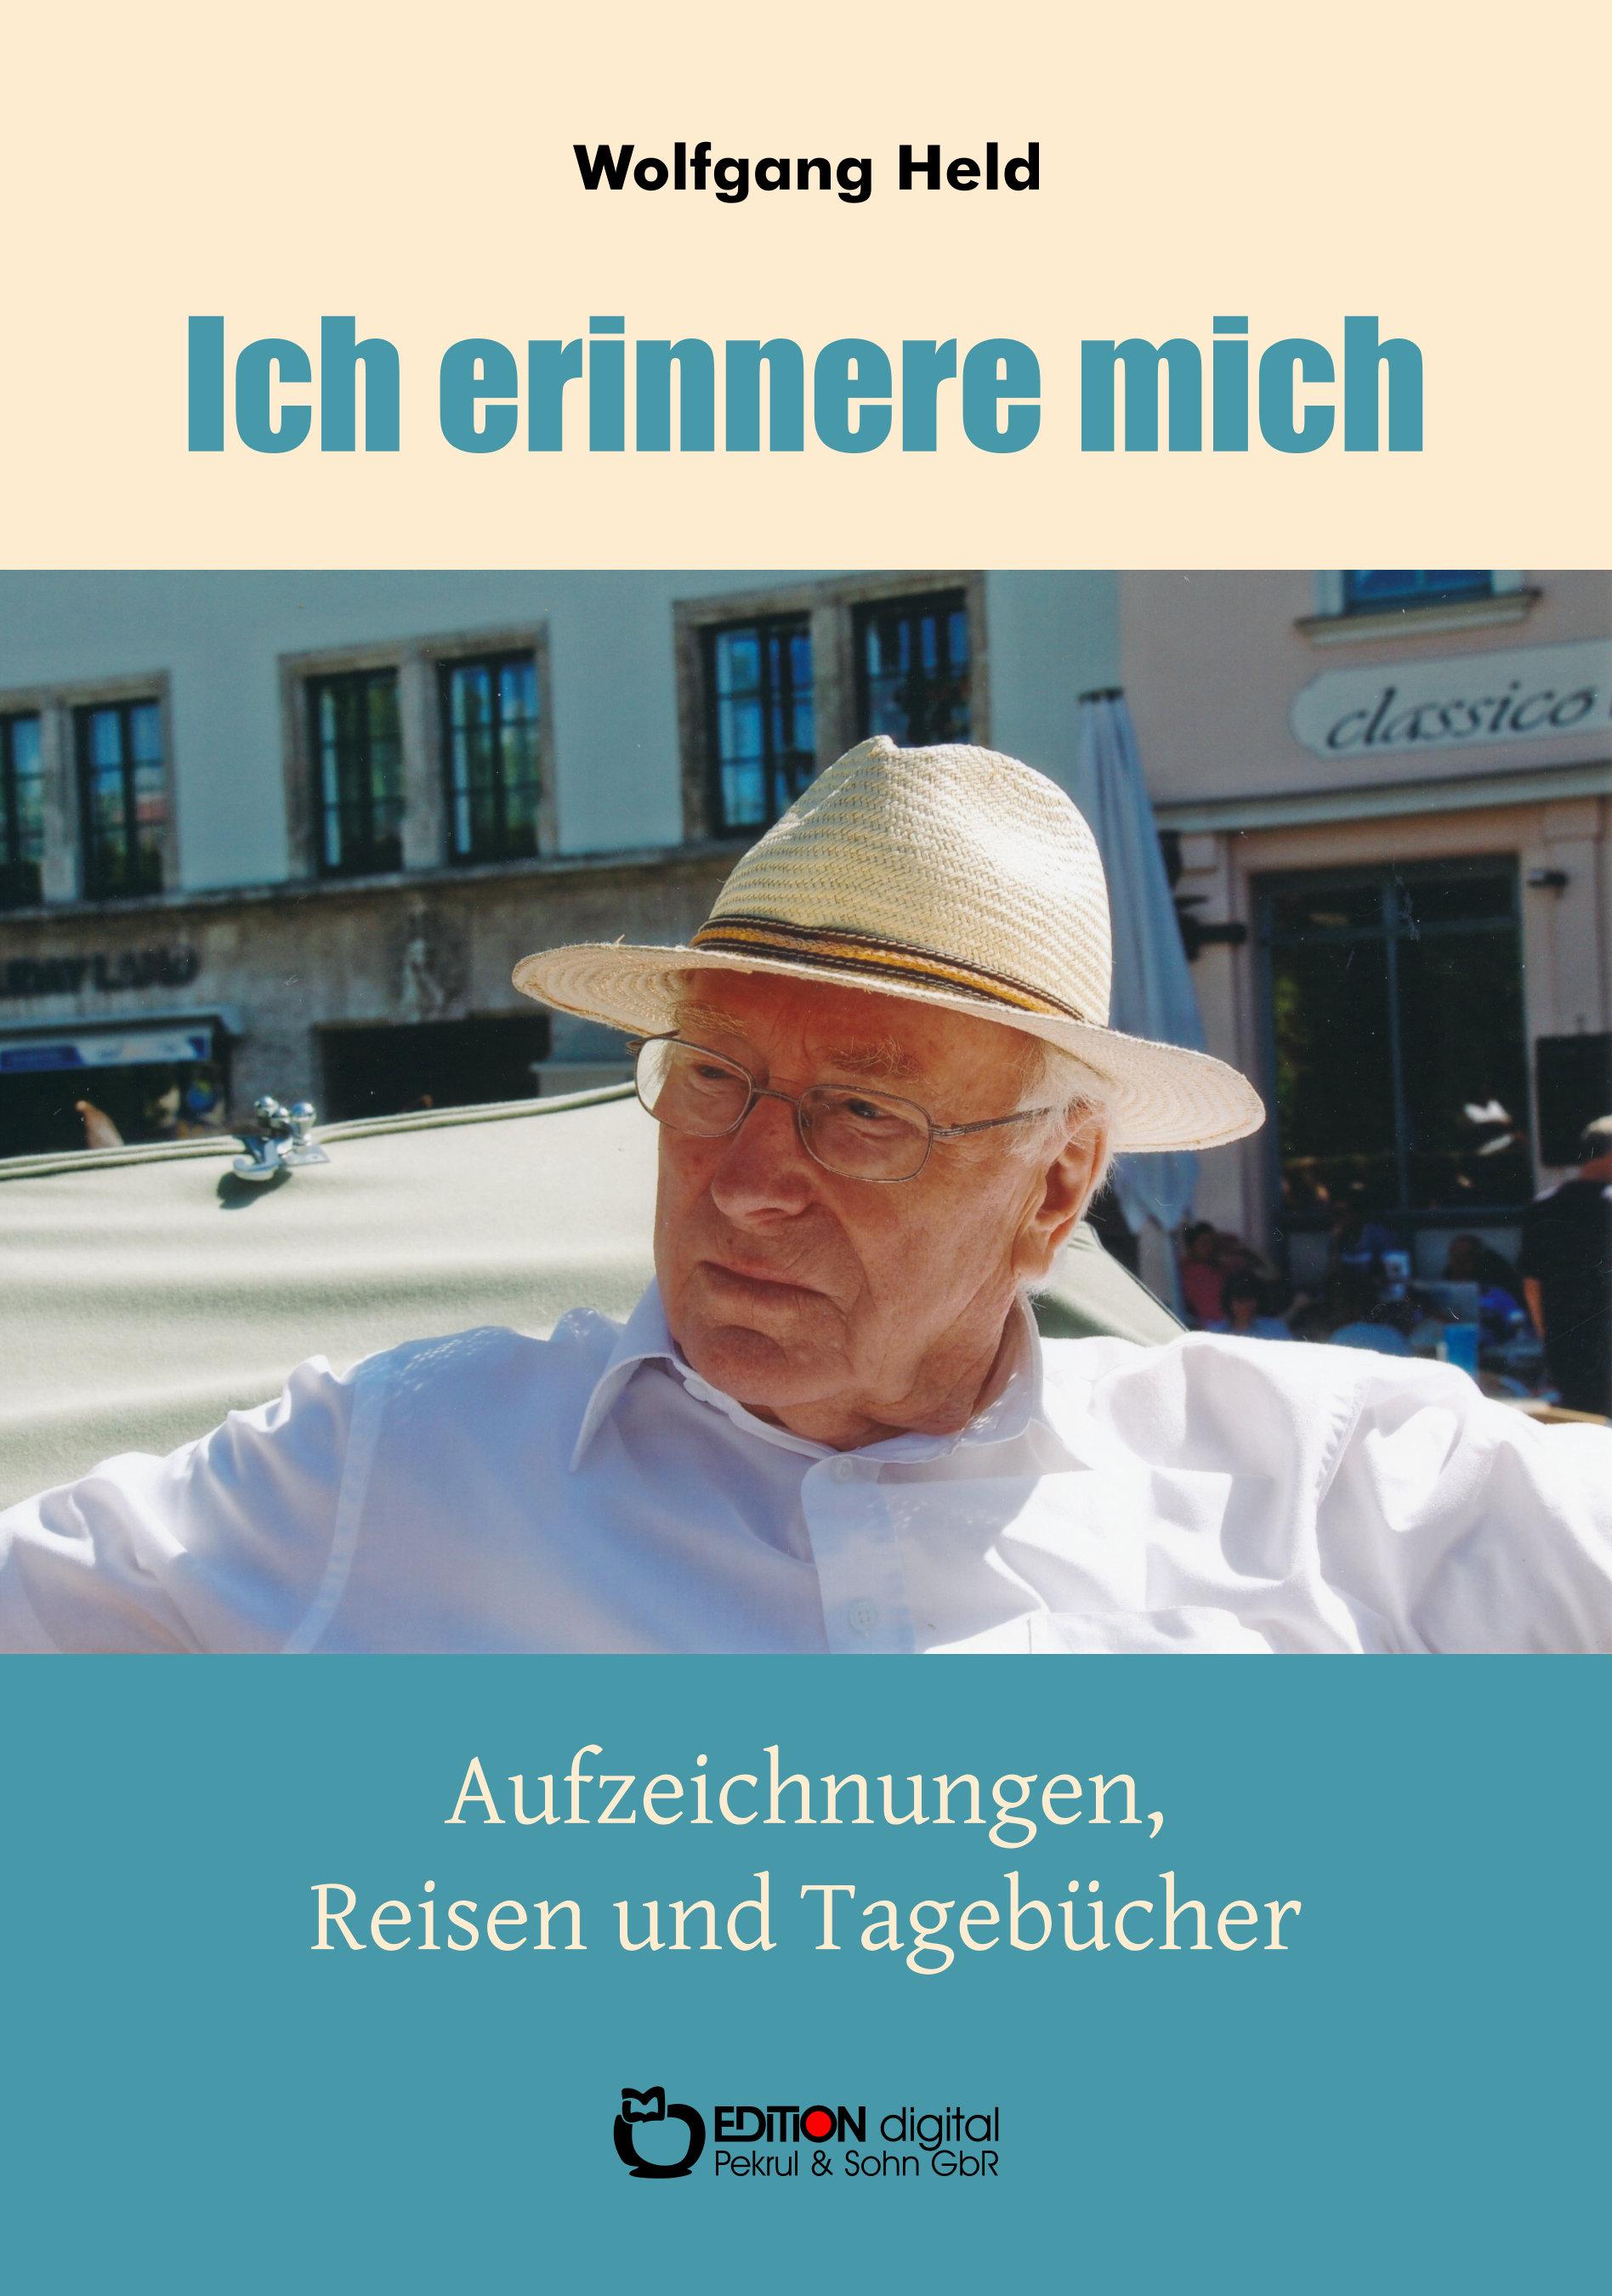 Ich erinnere mich. Aufzeichnungen, Reisen und Tagebücher von Wolfgang Held